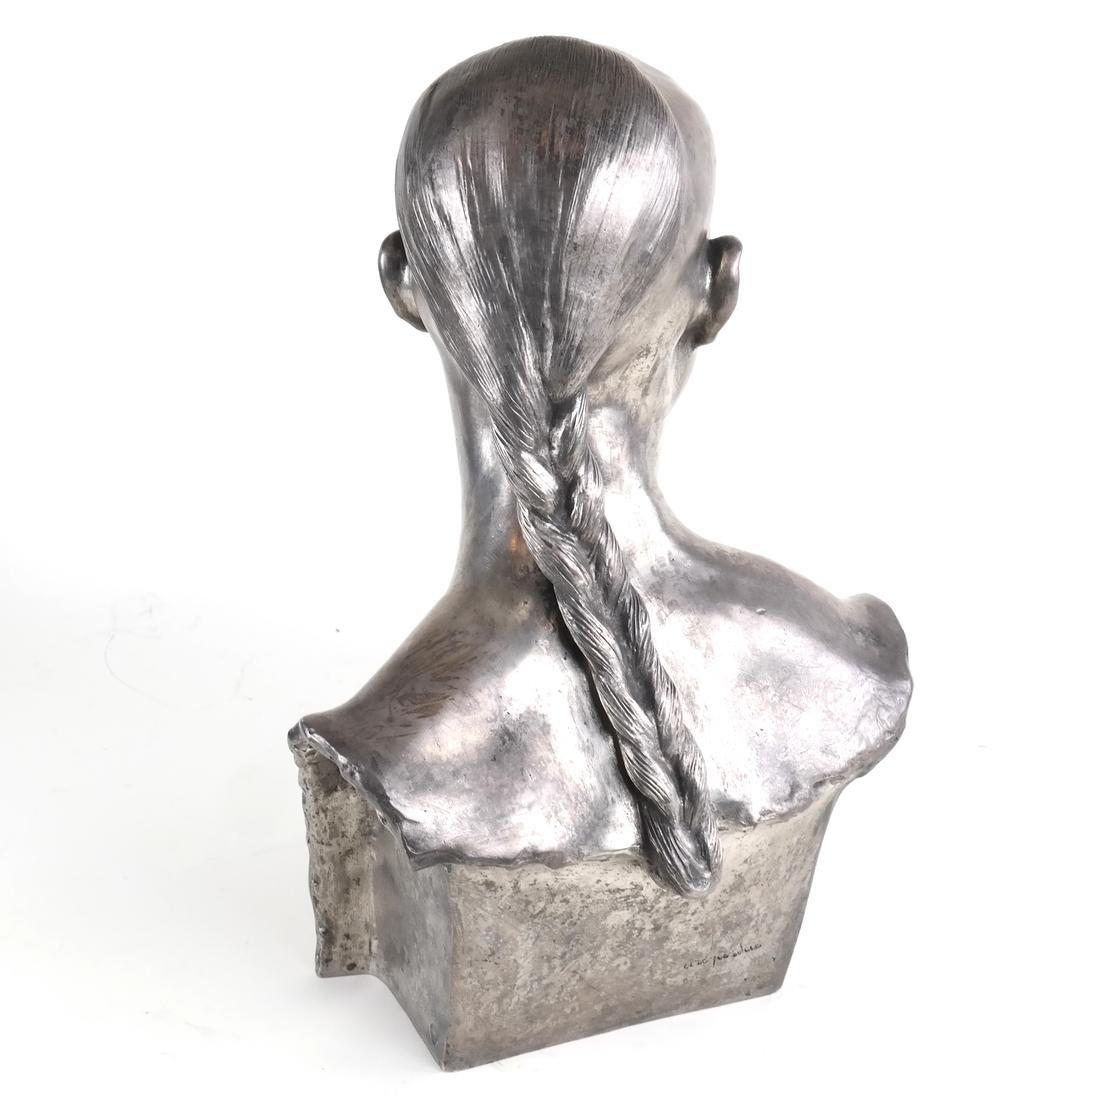 Chih-Fan Bronze Sculpture by Jean Mich - 7